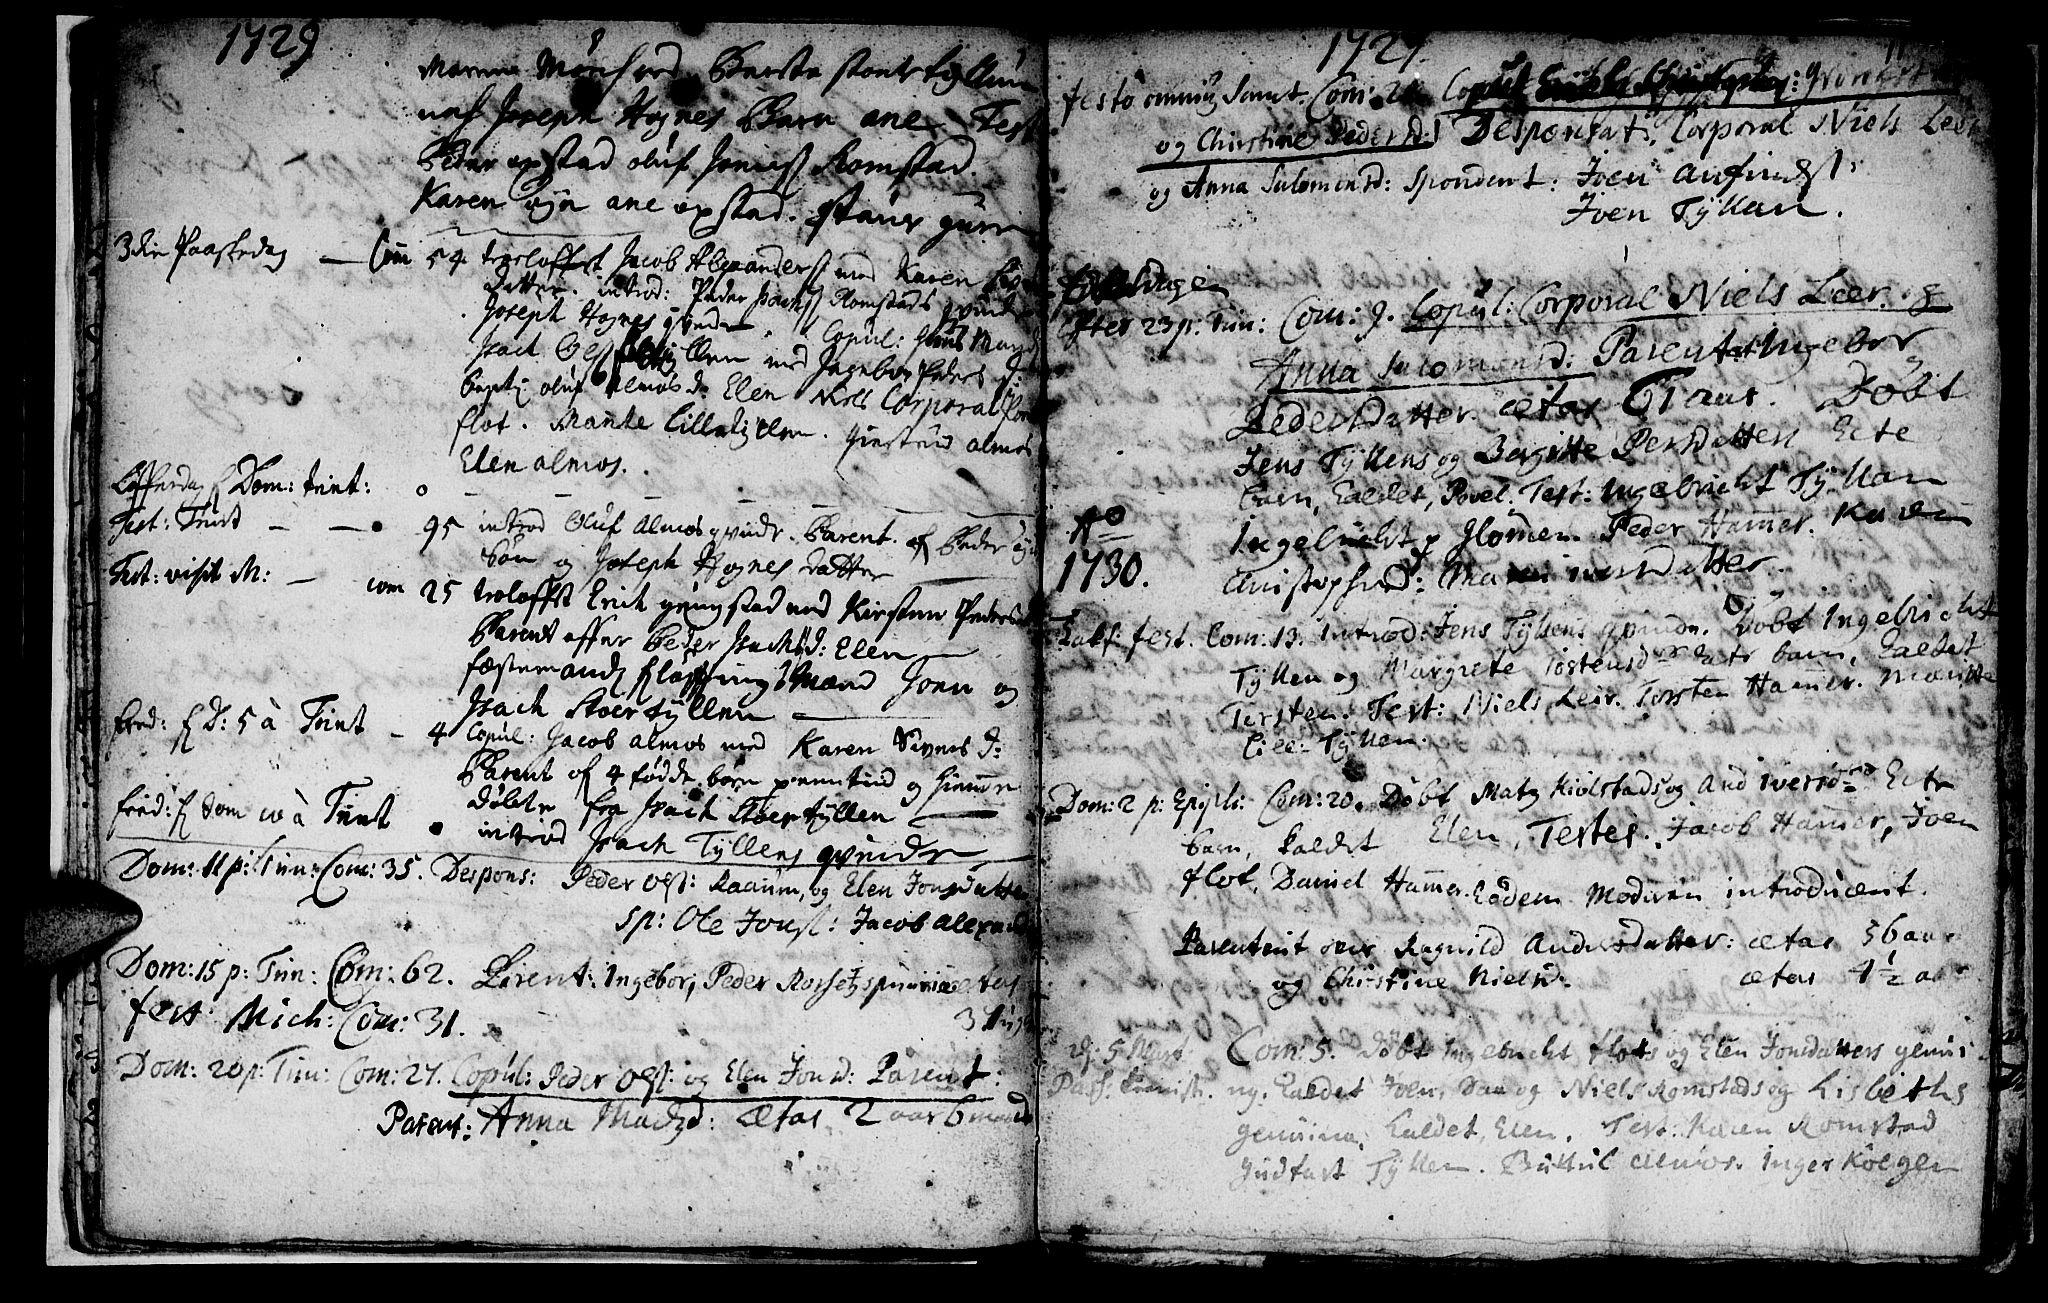 SAT, Ministerialprotokoller, klokkerbøker og fødselsregistre - Nord-Trøndelag, 765/L0560: Ministerialbok nr. 765A01, 1706-1748, s. 11